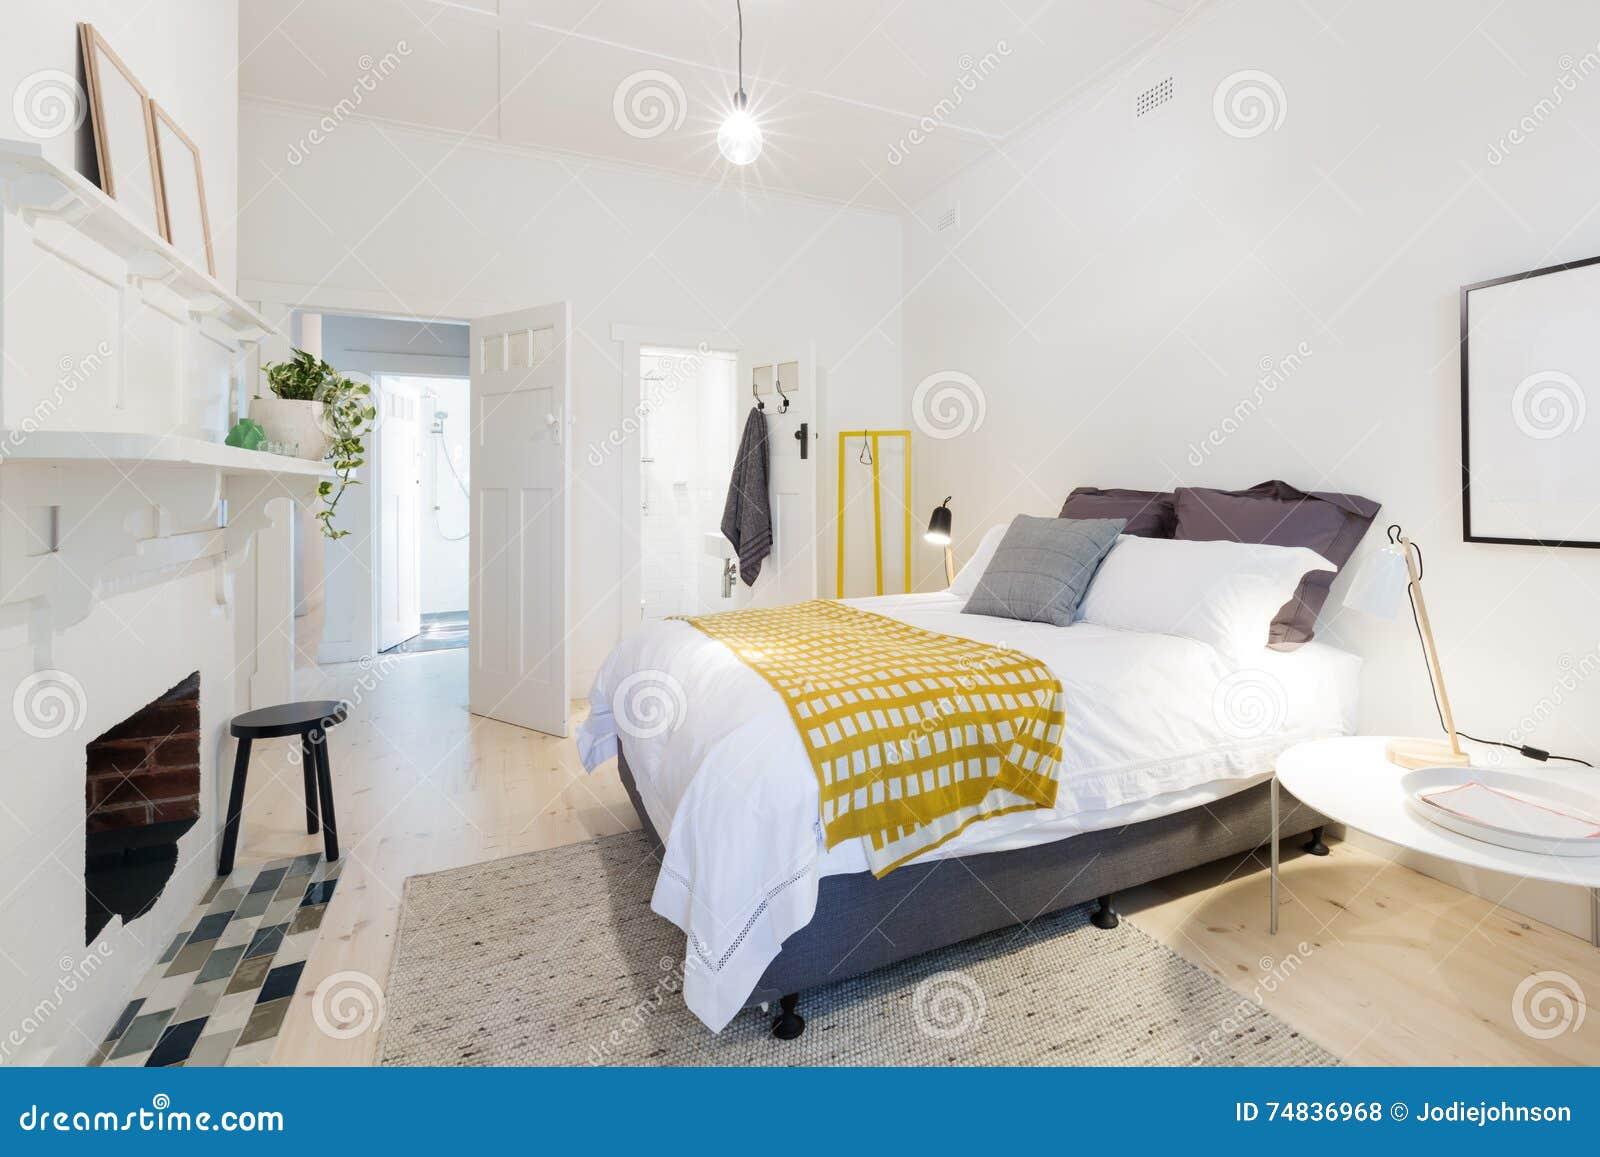 Slaapkamer En Suite : Modieuze eigentijdse slaapkamer met ensuite en gele accenten stock